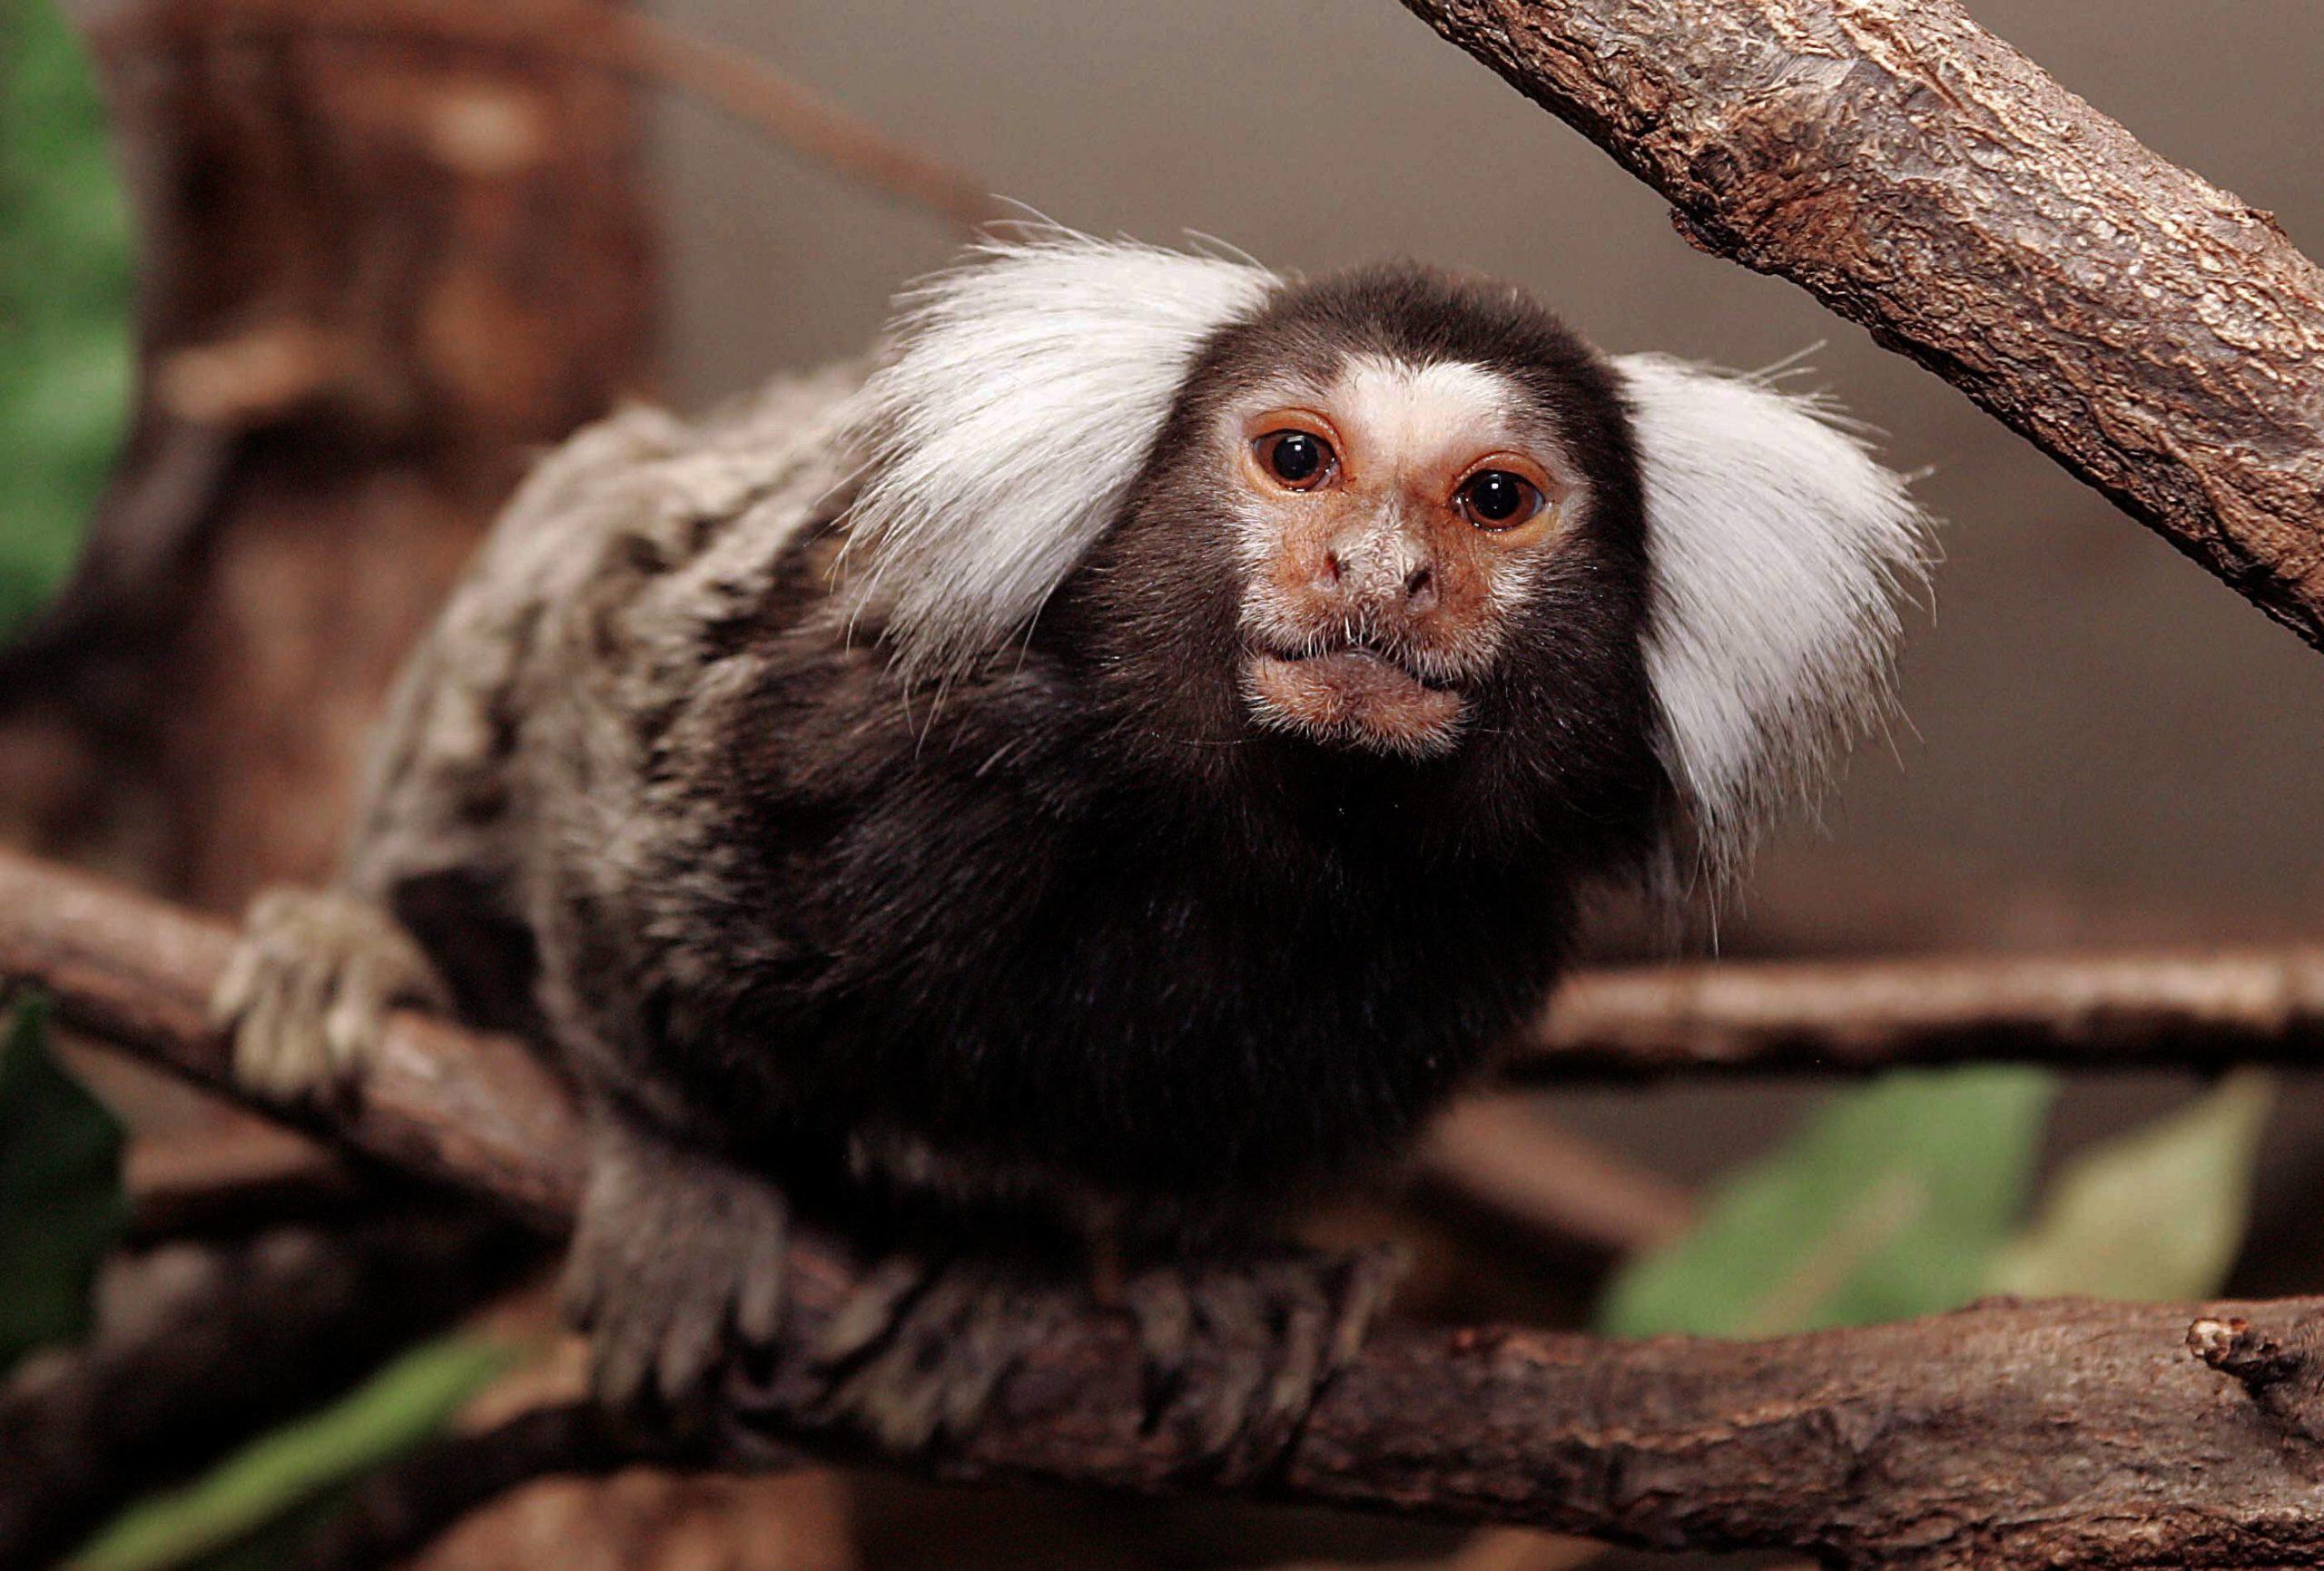 Seit 2007 werden im Affen-Zoo Jocksdorf verschiedene Affenarten, wie die Weißbüscheläffchen, gezüchtet. Besucher:innen können sich vor Ort über Umwelt- und Tierschutz informieren.